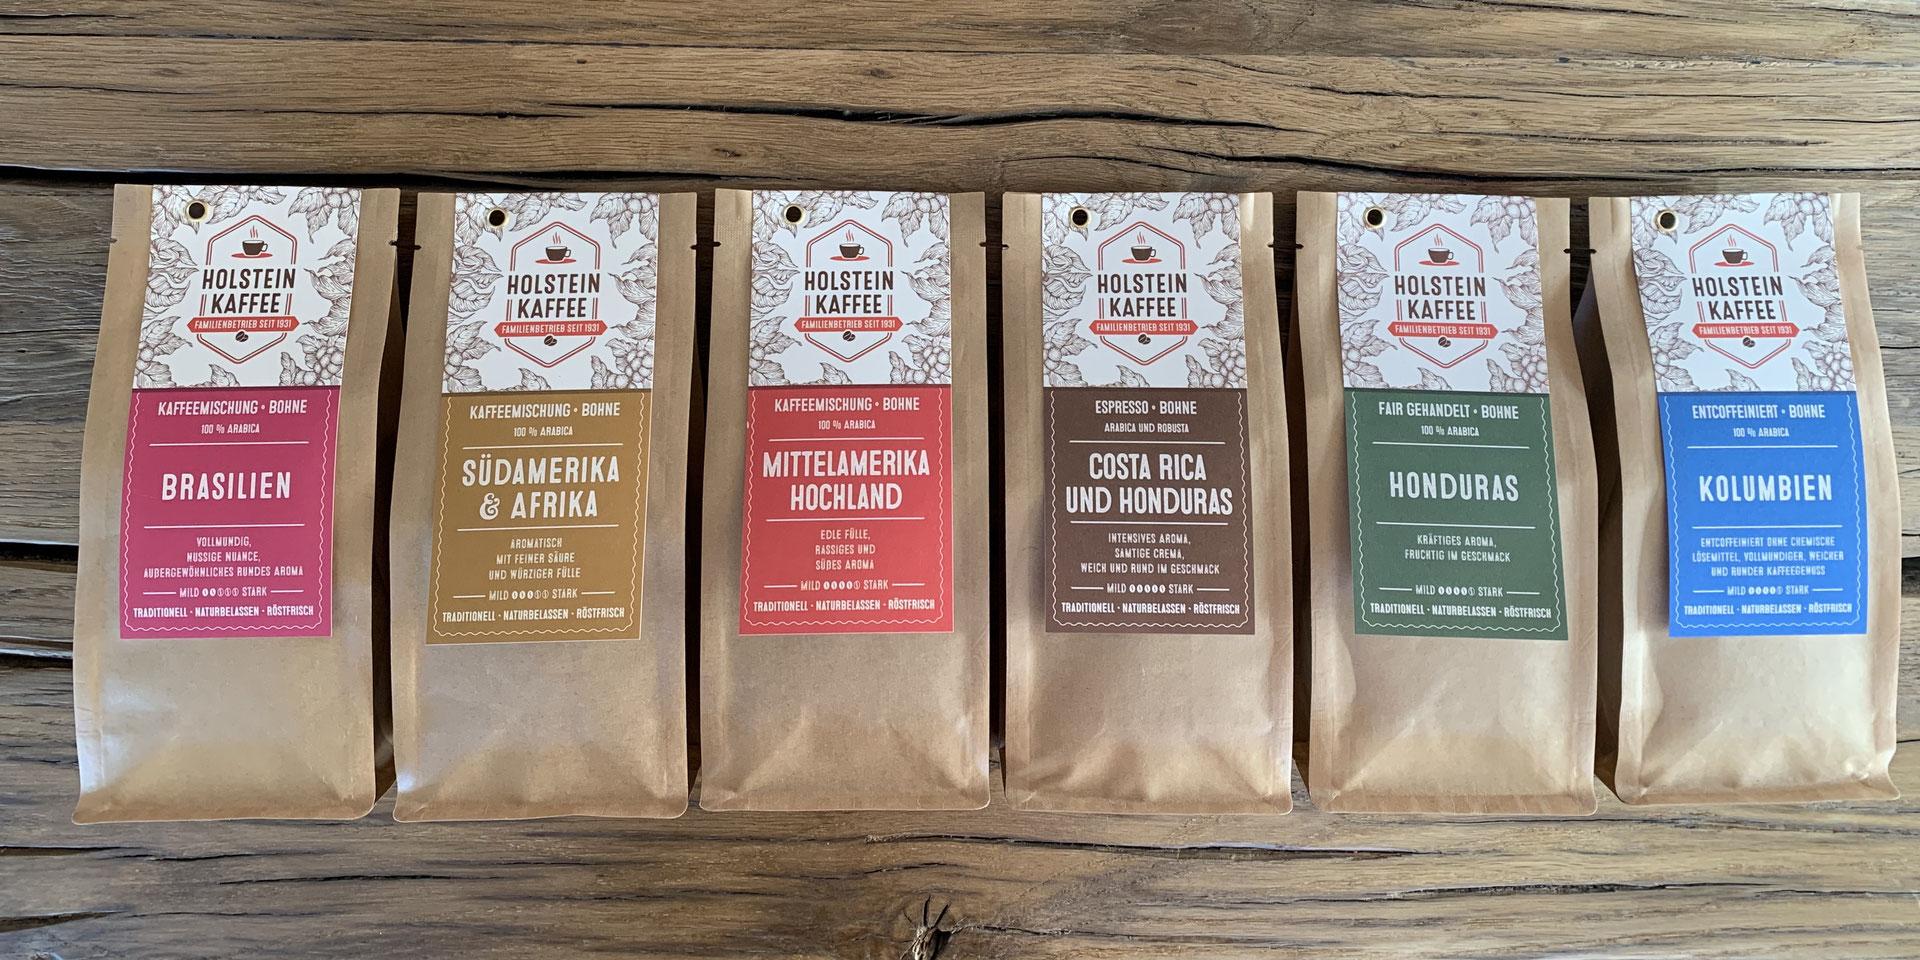 Individuelle röstfrische Lieferung - Holstein Kaffee Kaffeerösterei ...